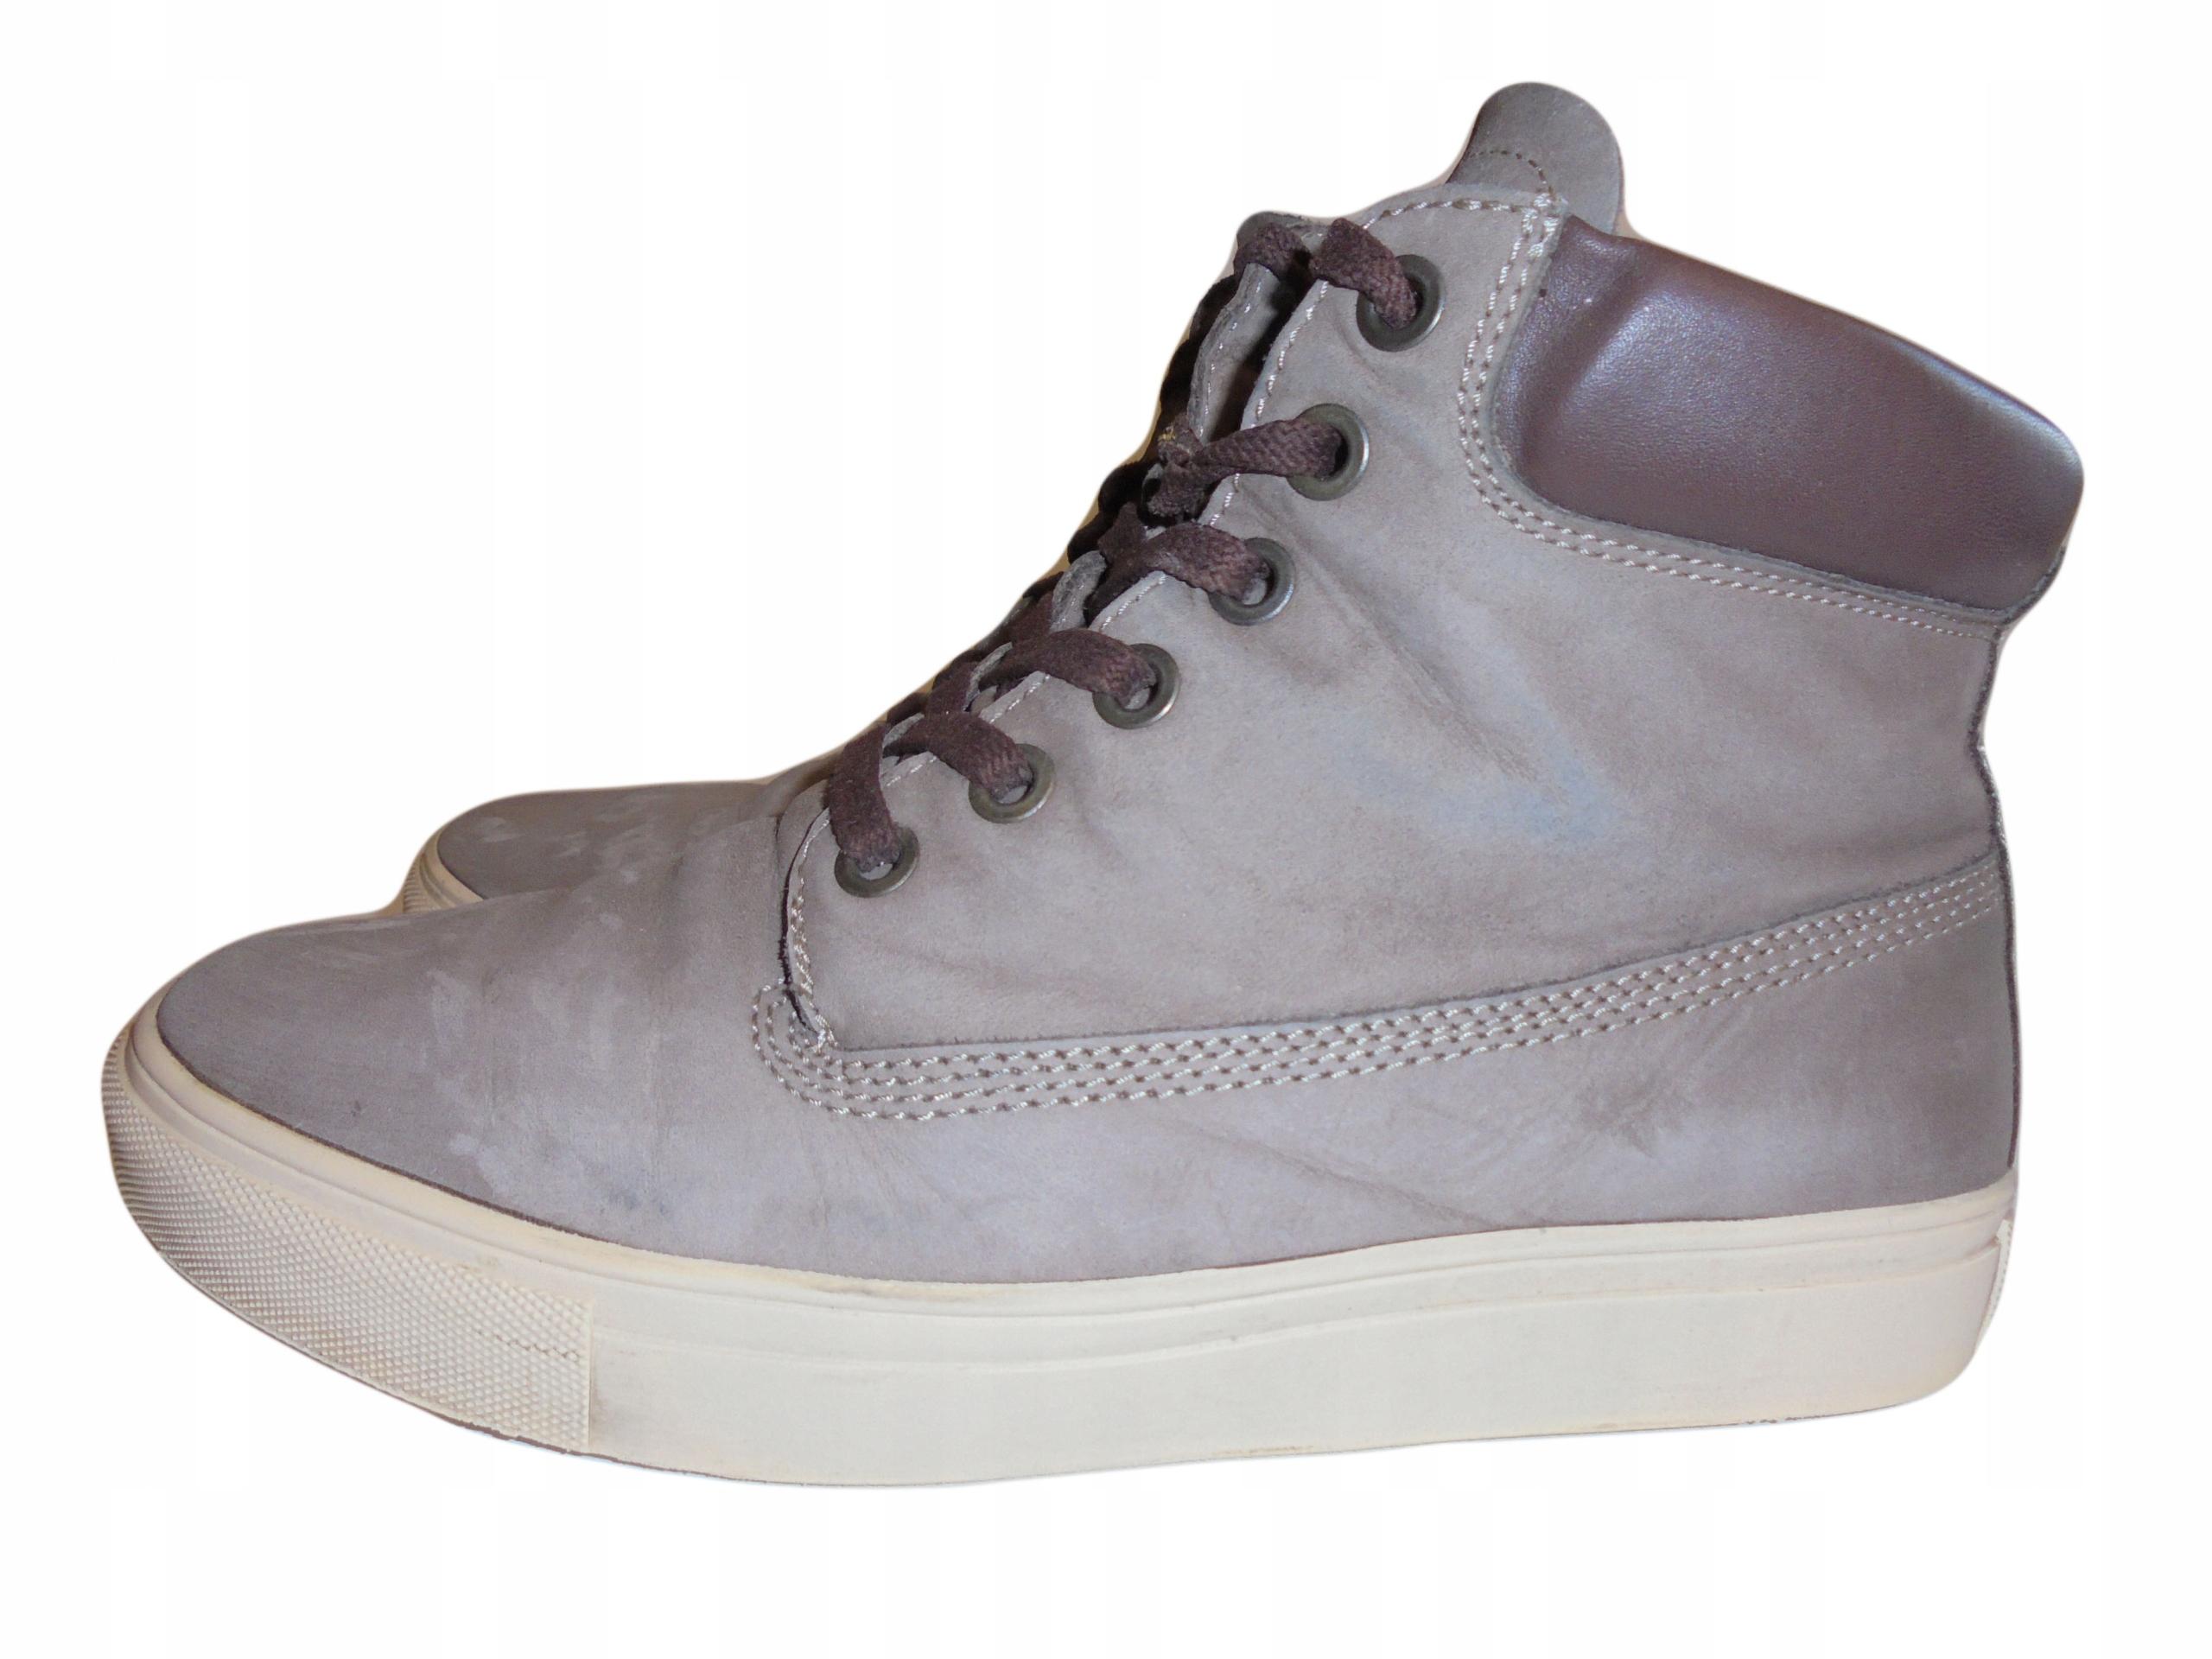 9859eac58397f Skórzane zimowe buty firmy Wojas. Rozmiar 41. - 7717223444 ...